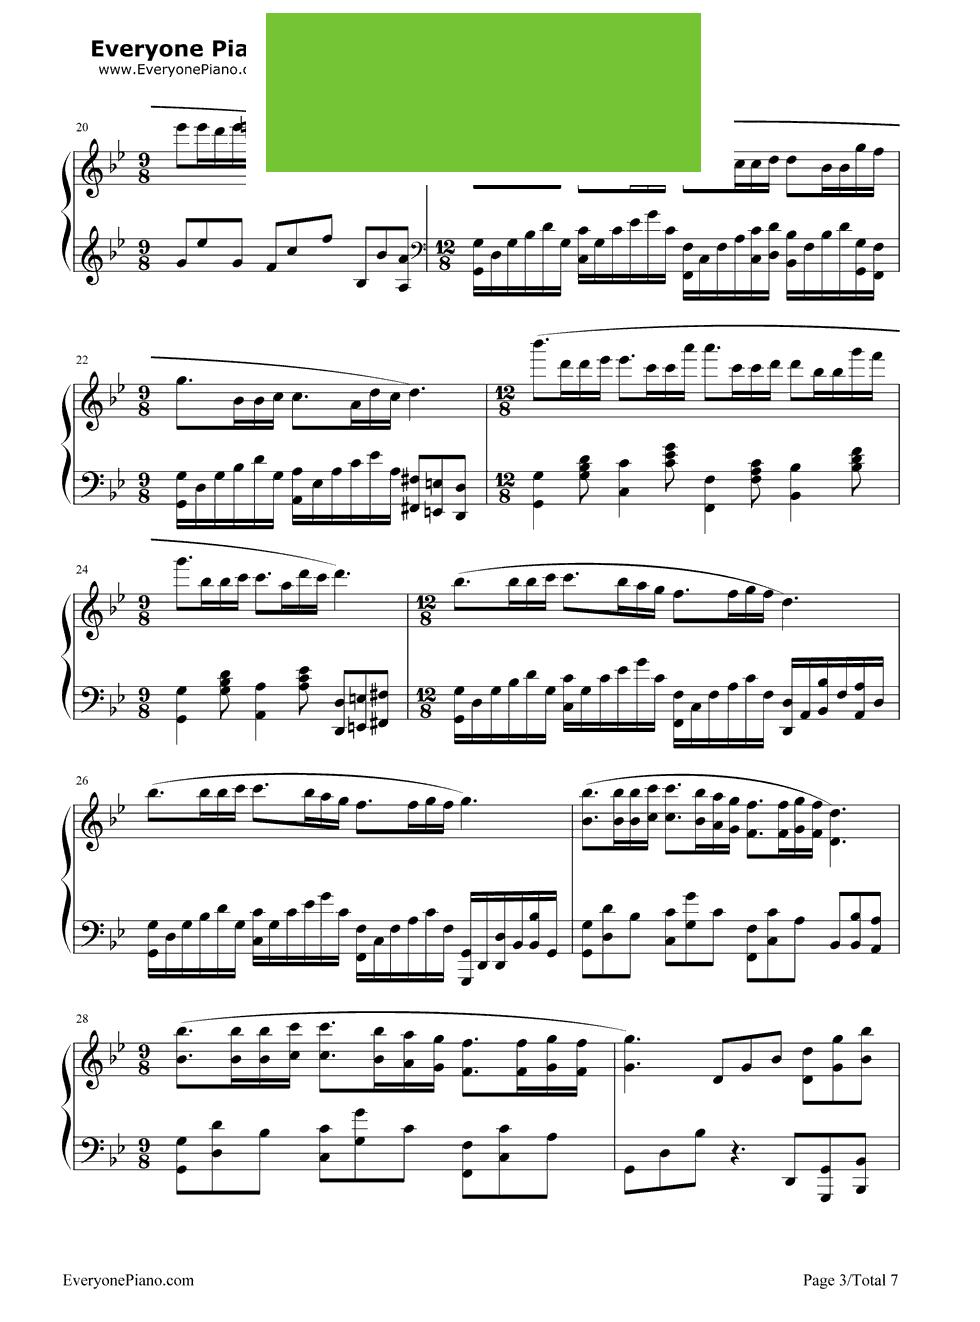 梦的婚礼钢琴曲m3 钢琴曲梦的婚礼简谱 辣二图片网图片